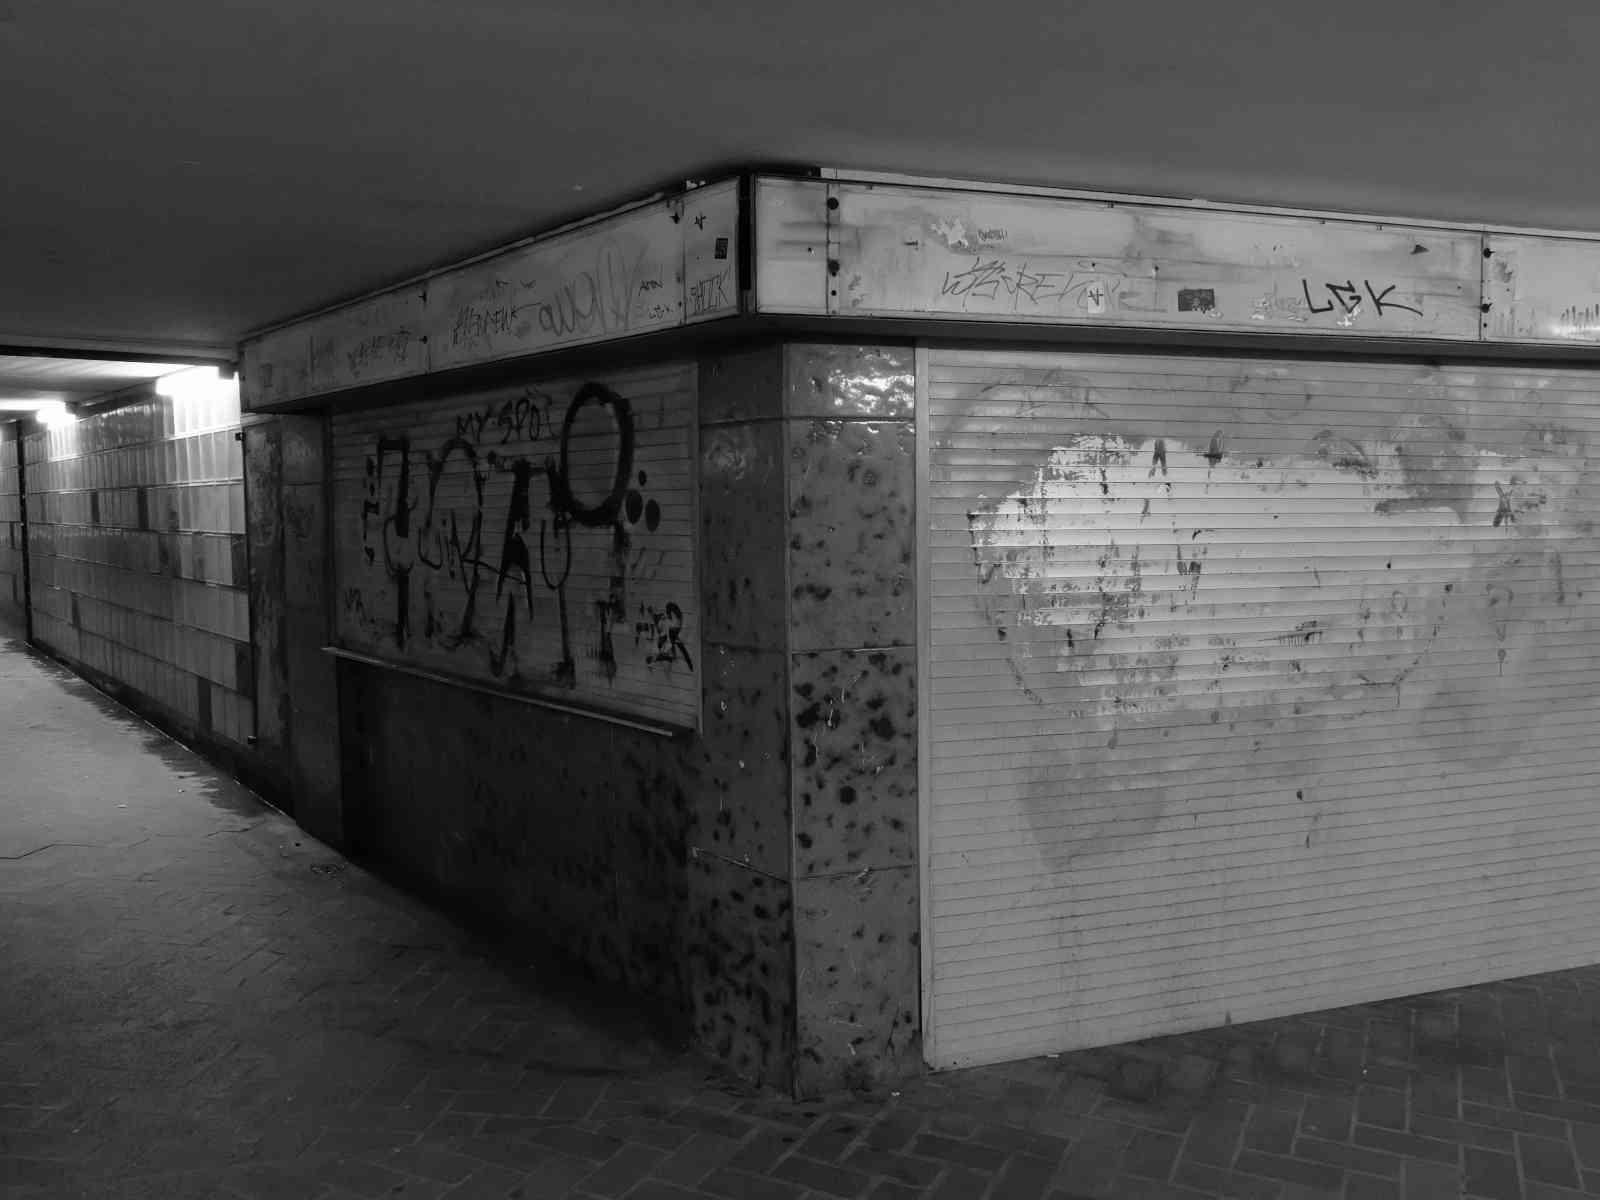 Im Untergrund - Wir verkaufen nix